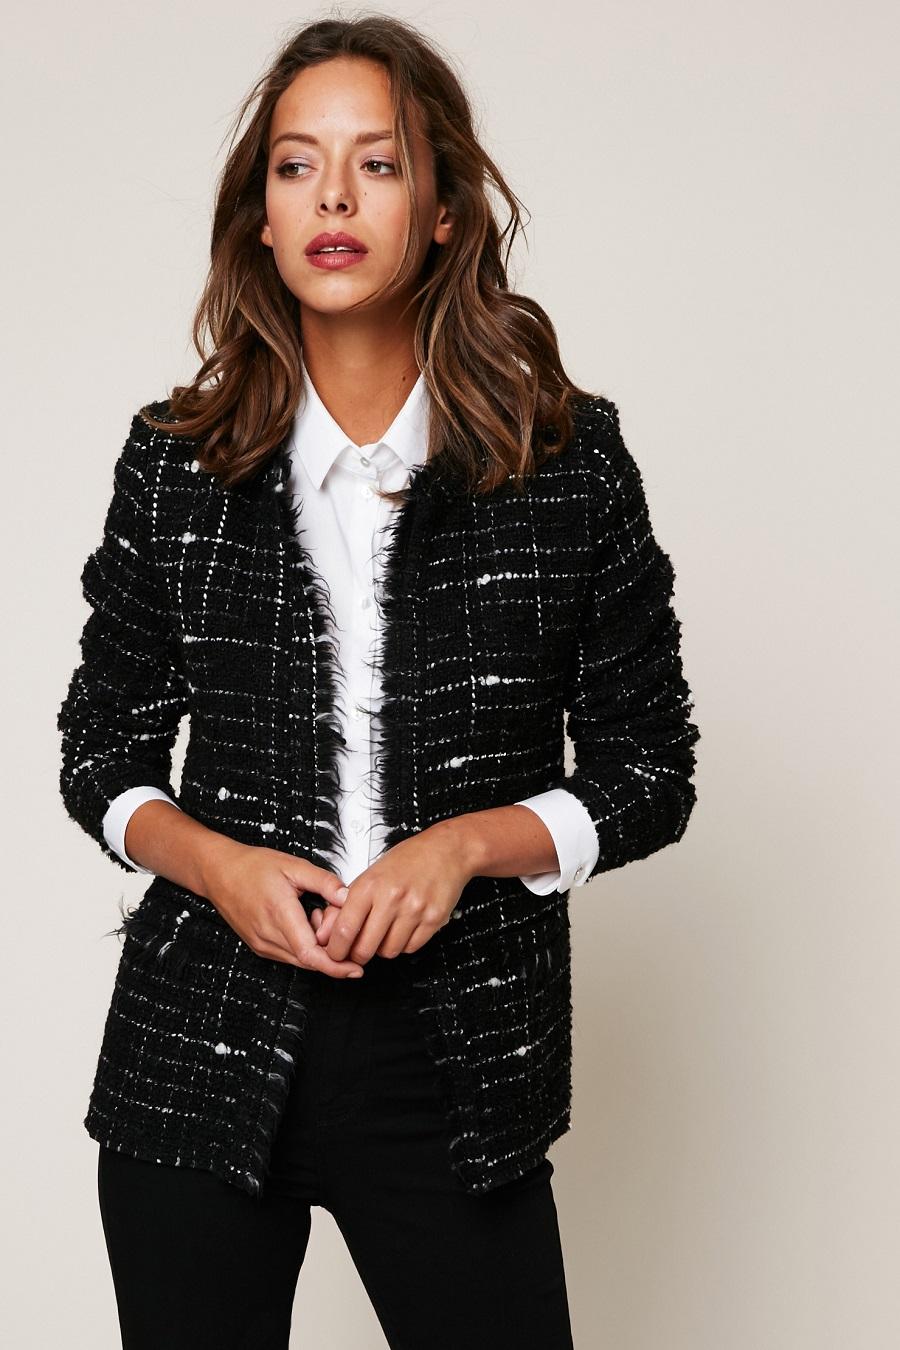 veste longue en tweed femme vestes la mode 2018. Black Bedroom Furniture Sets. Home Design Ideas